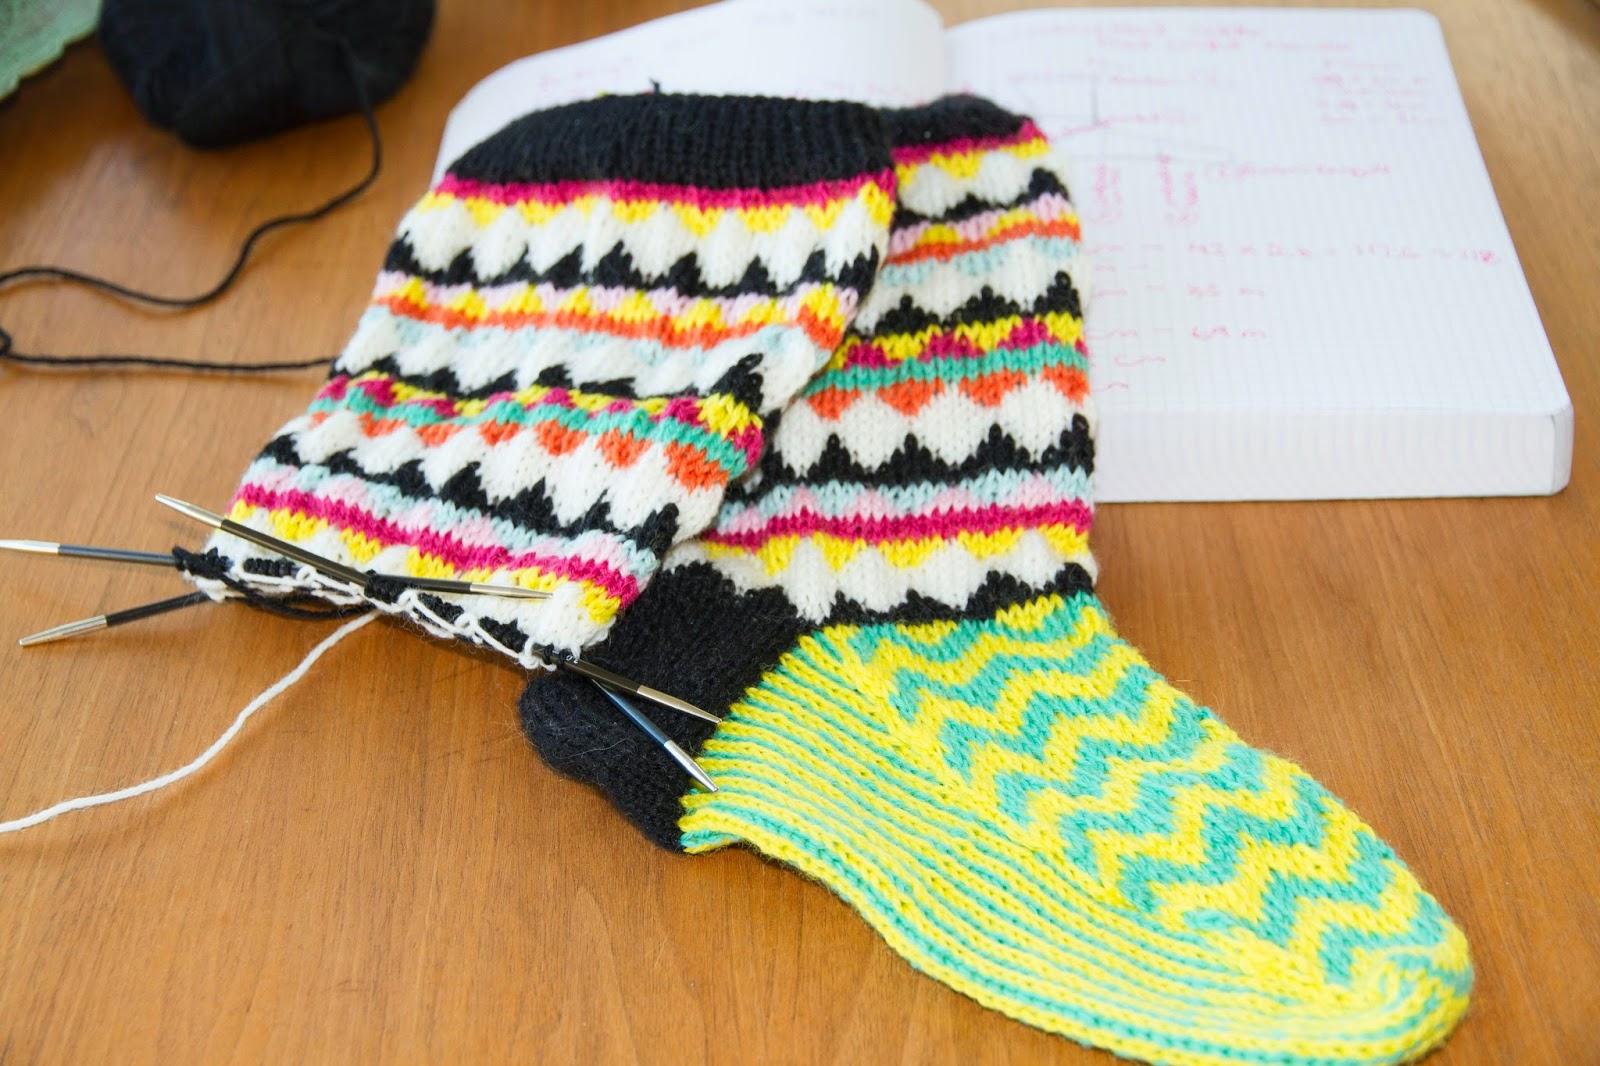 Grafichal stranded knitting, Charlotte Kaae Design, www.bykaae.dk